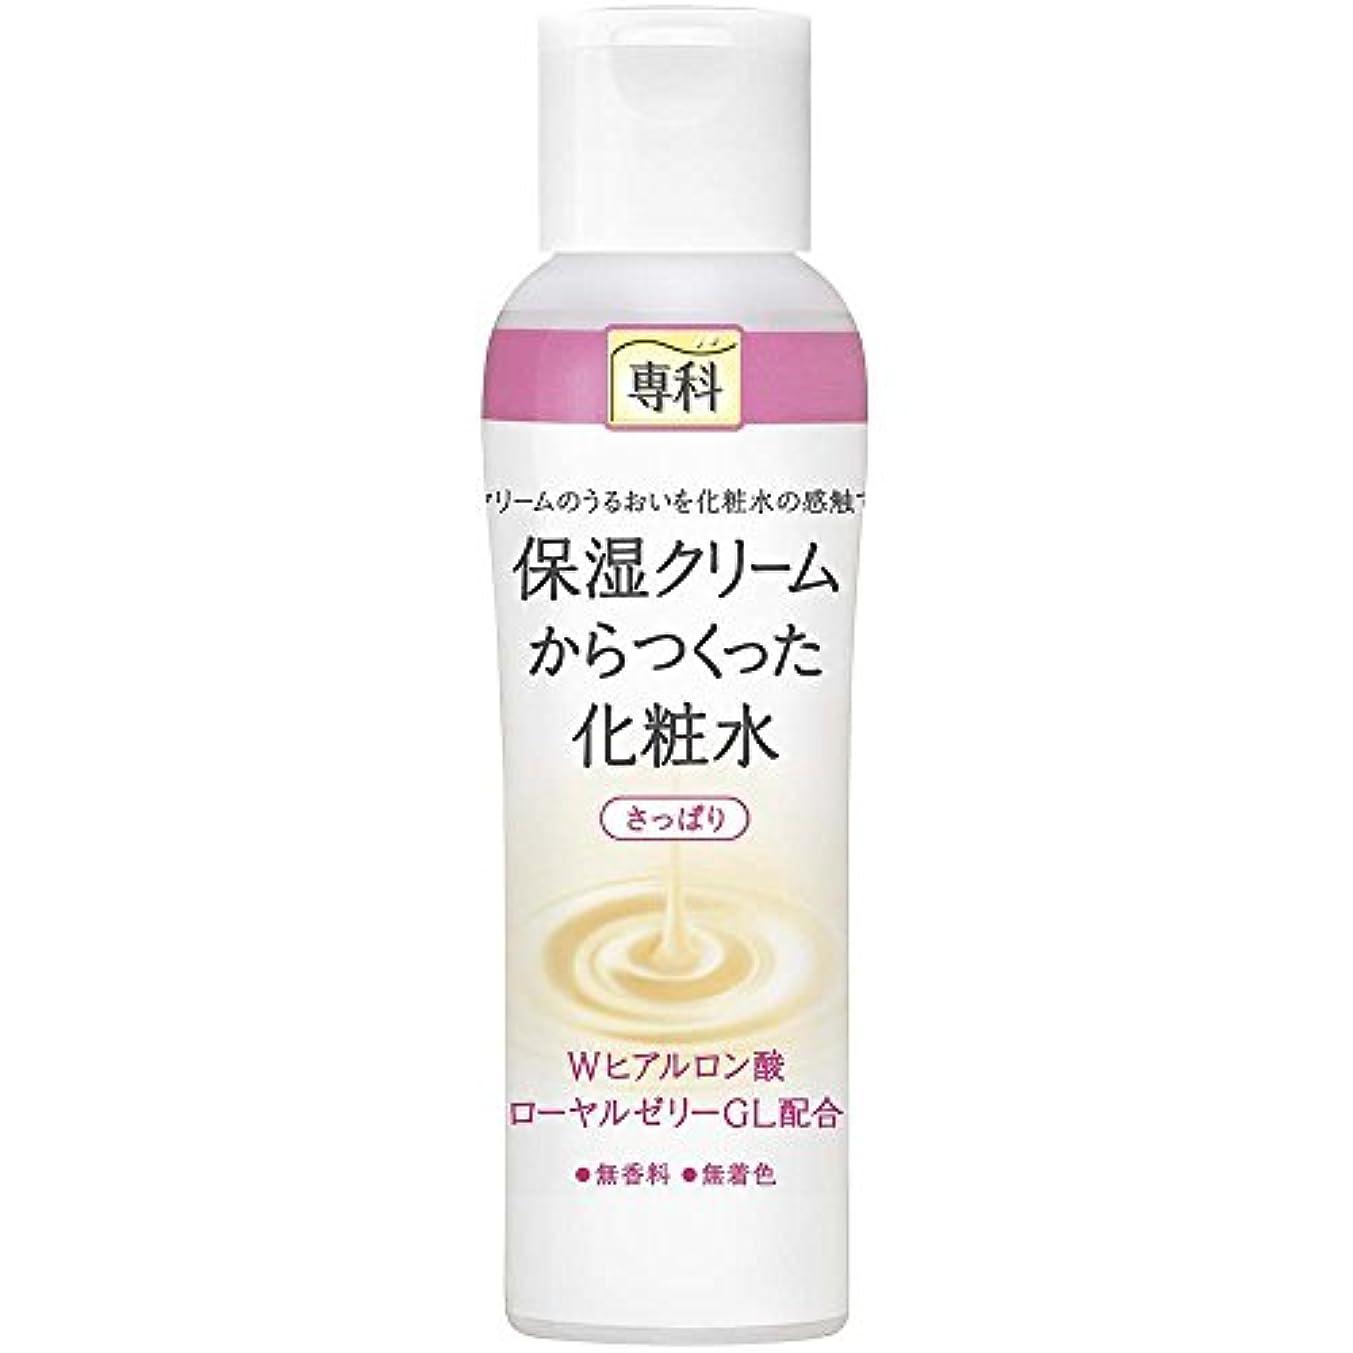 繰り返した不正スライム専科 保湿クリームからつくった化粧水(さっぱり) 200ml